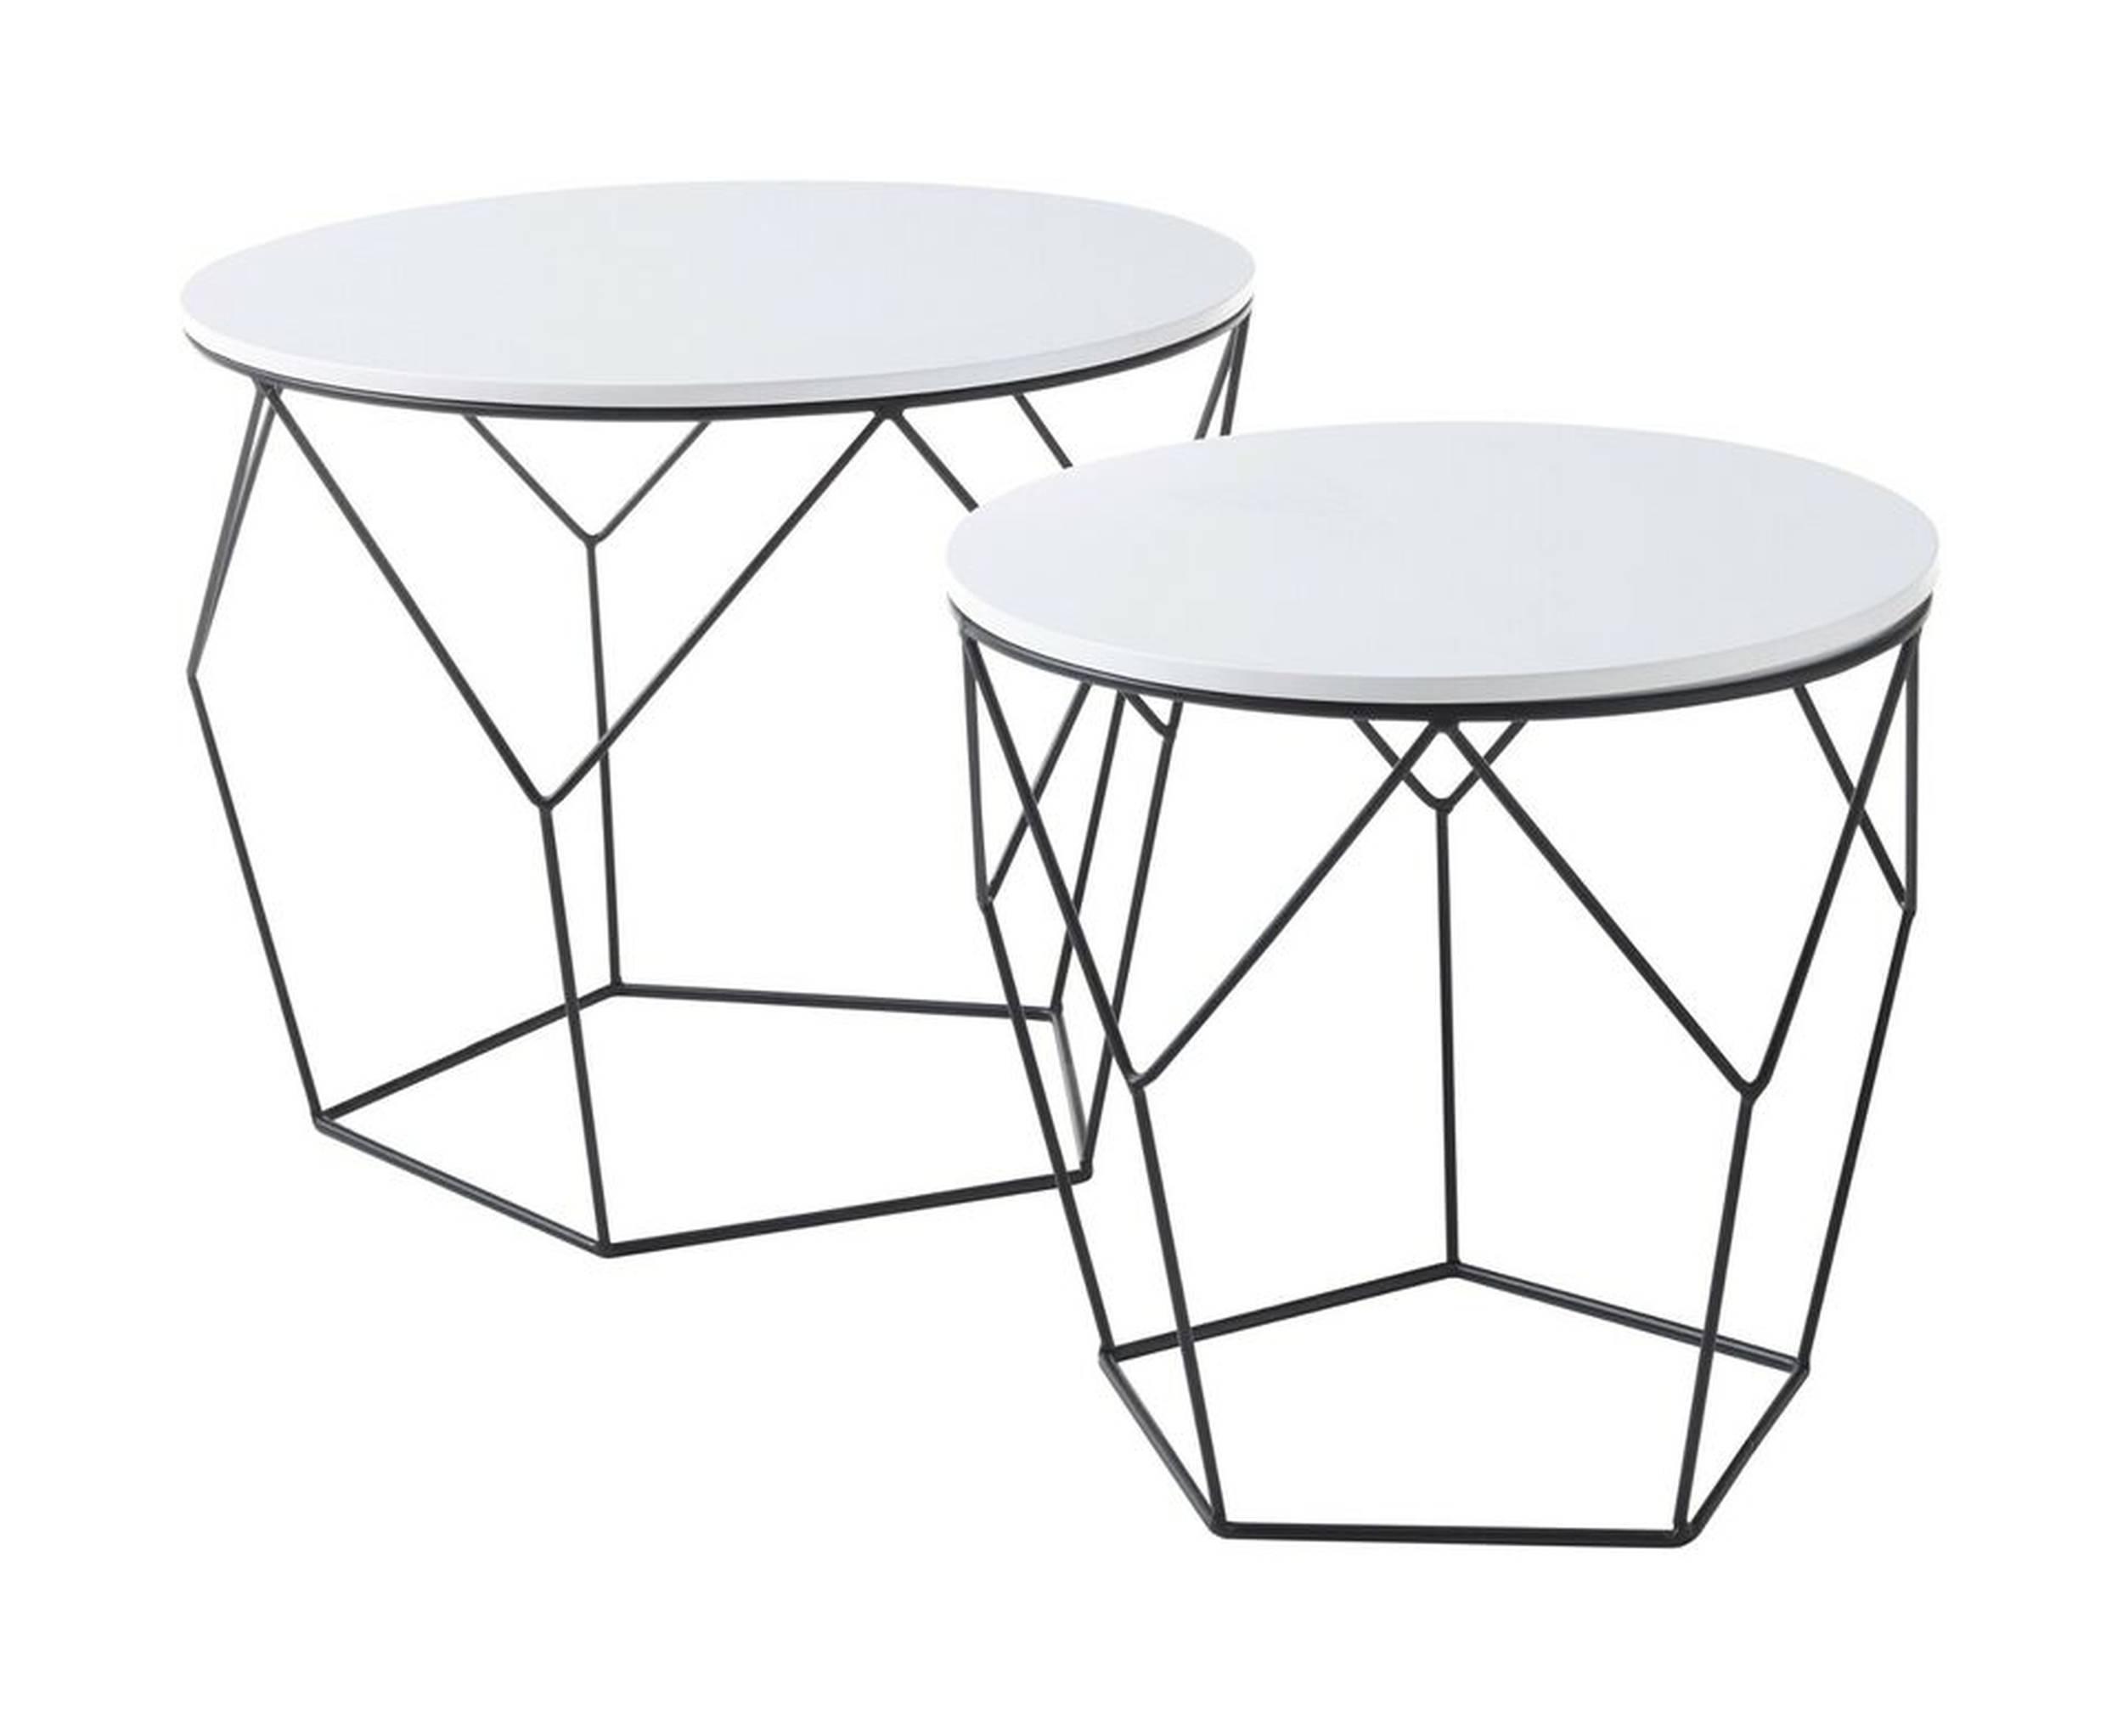 2-Satz-Tisch, rund HELGE